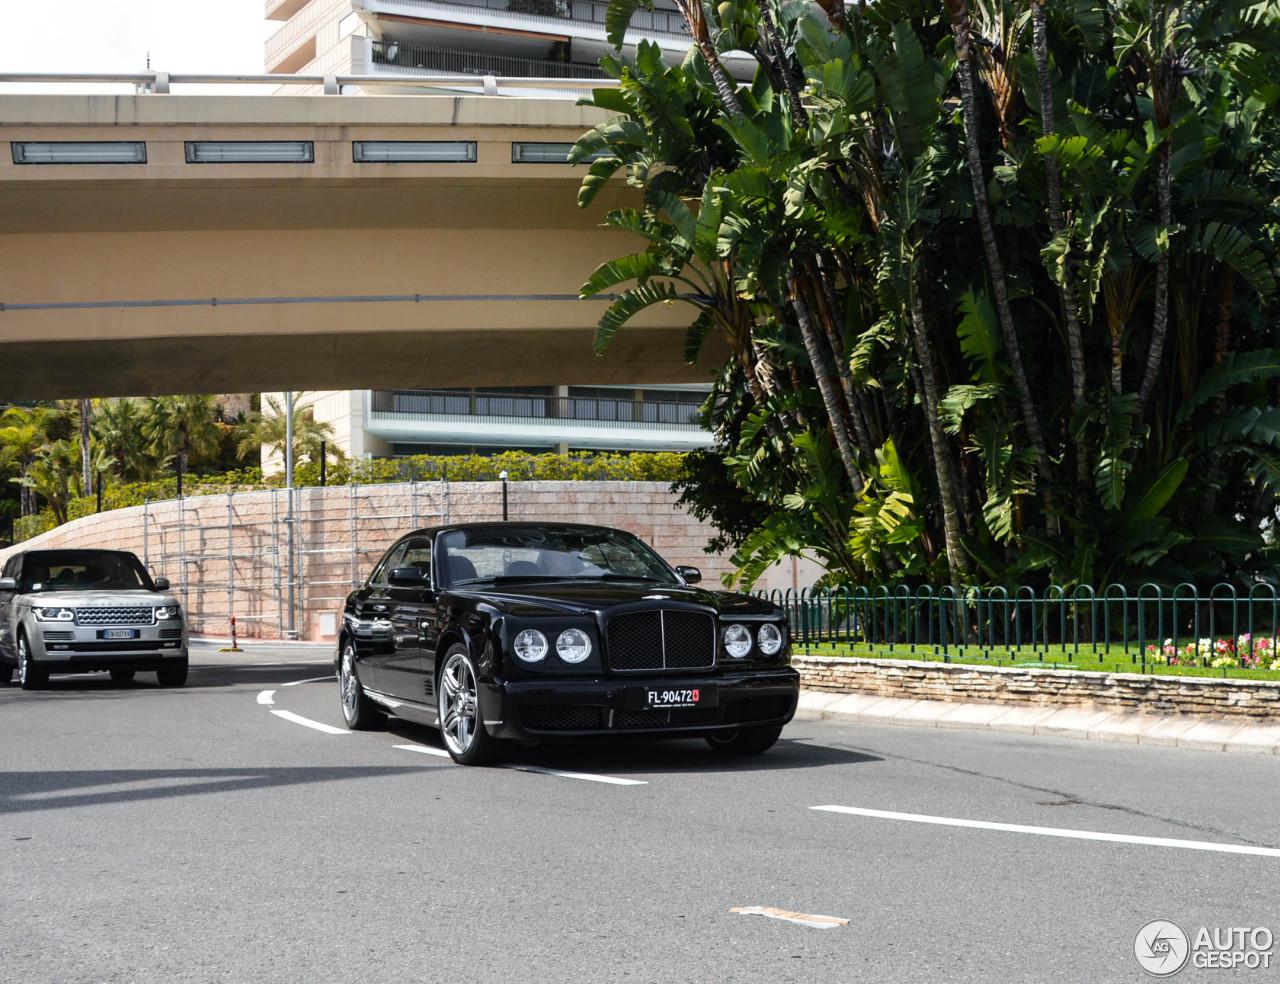 Bentley brooklands 2008 16 may 2015 autogespot 2 i bentley brooklands 2008 2 vanachro Choice Image